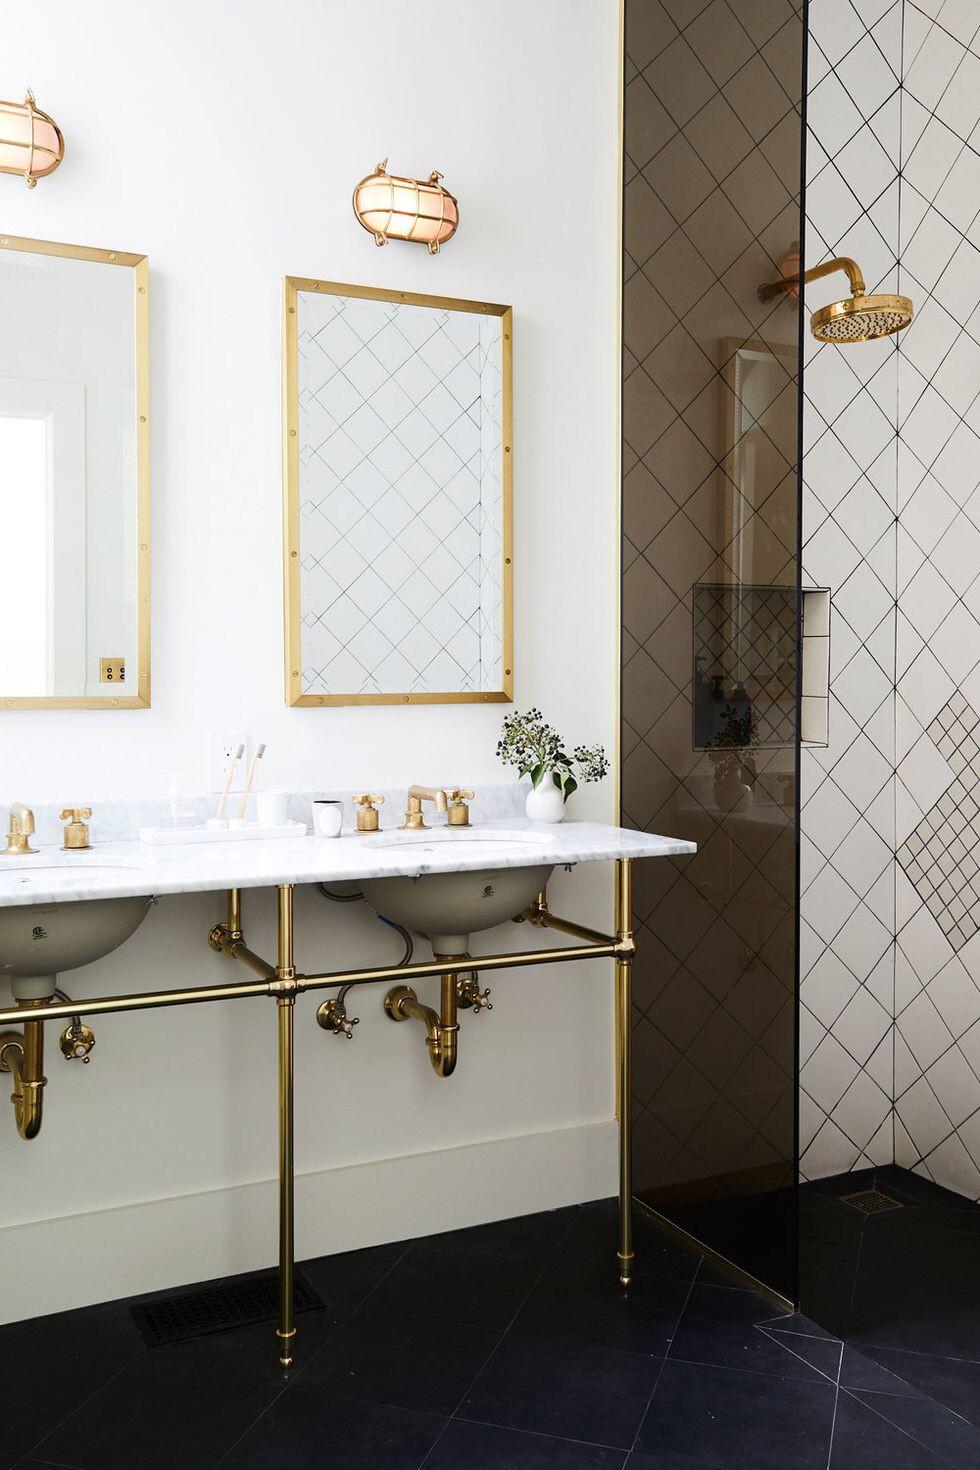 a-exposição-do-hardware-design-de-interiores-para-as-casa-de-banho-em-2019